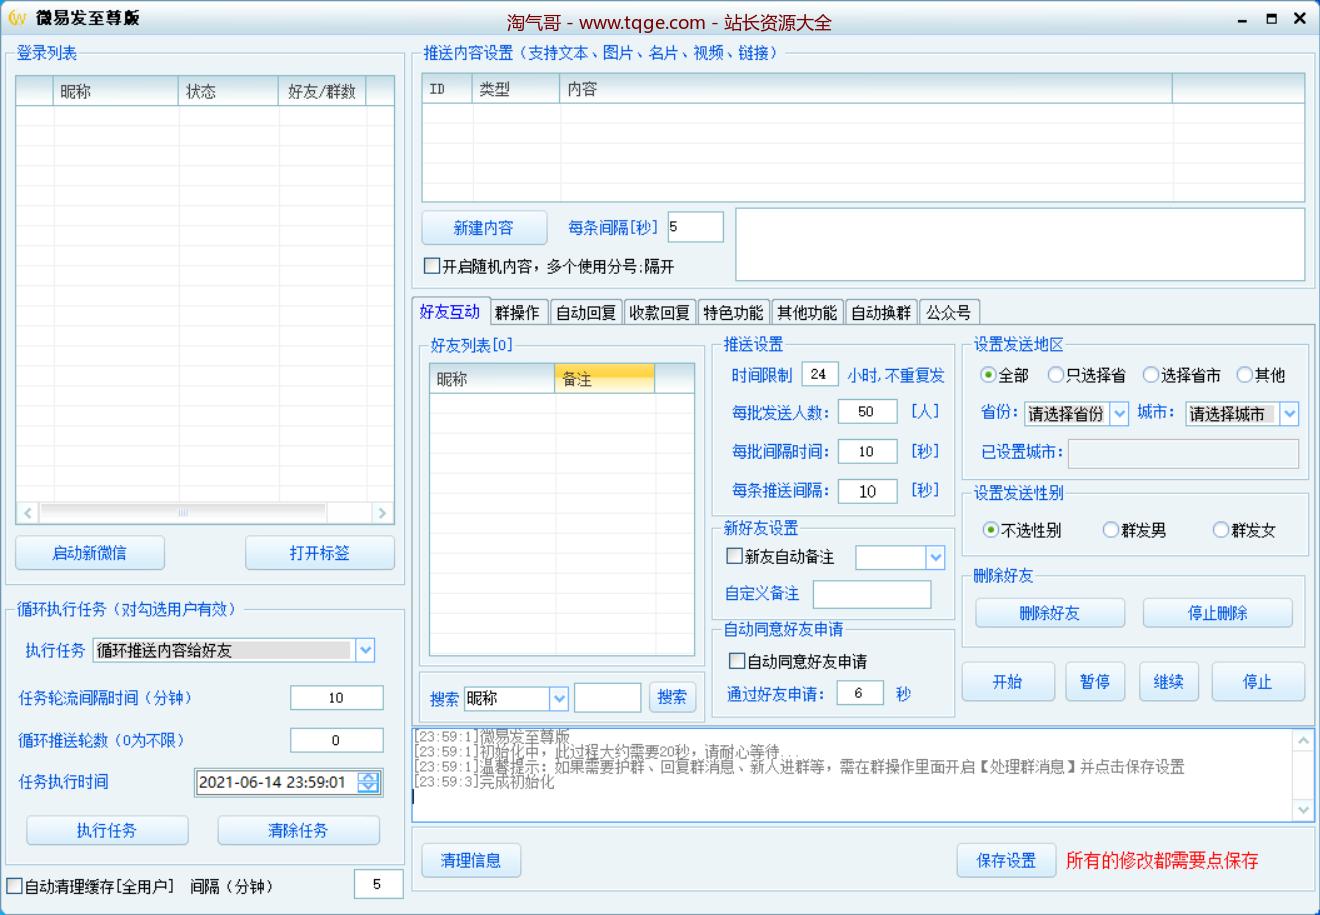 微易发至尊版支持微版本V3.2.1.54 =护群+新人进群+一键退群+拉人进群+换群+自动回复 收费软件 第1张